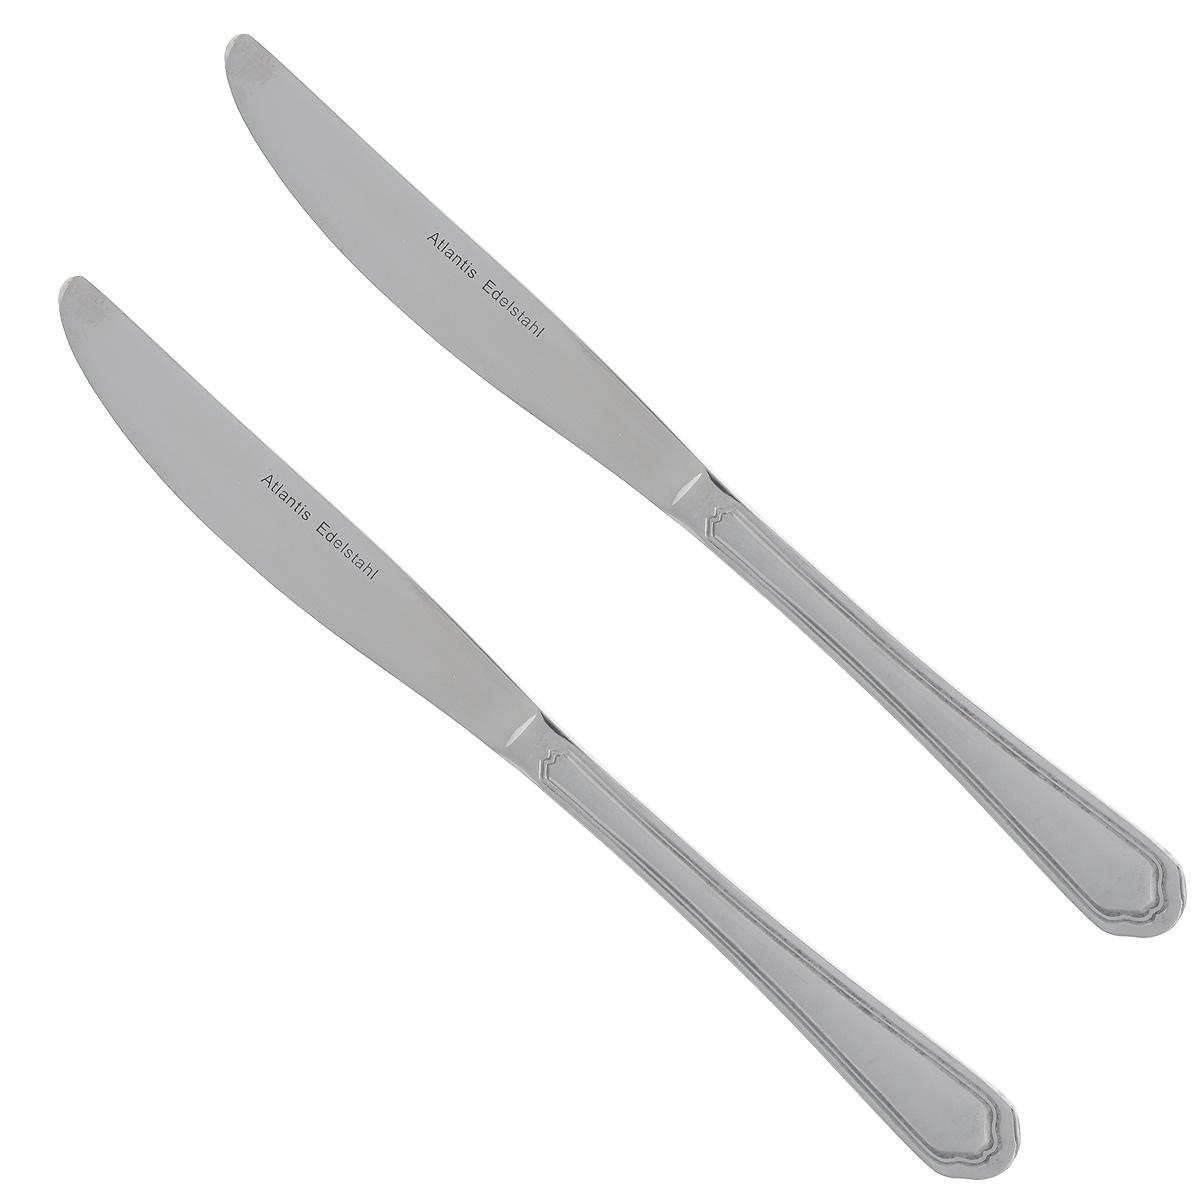 Набор столовых ножей Atlantis Гармония, длина 20 см, 3 шт30024M01-TAL02Набор Atlantis Гармония состоит из трех столовых ножей, выполненных из нержавеющей стали с матовой полировкой. Строгий, лаконичный, но изысканный дизайн набора сделает его украшением обеденного стола. Набор прекрасно подойдет и для торжественных случаев. Длина ножа: 23,5 см. Длина лезвия: 12 см.